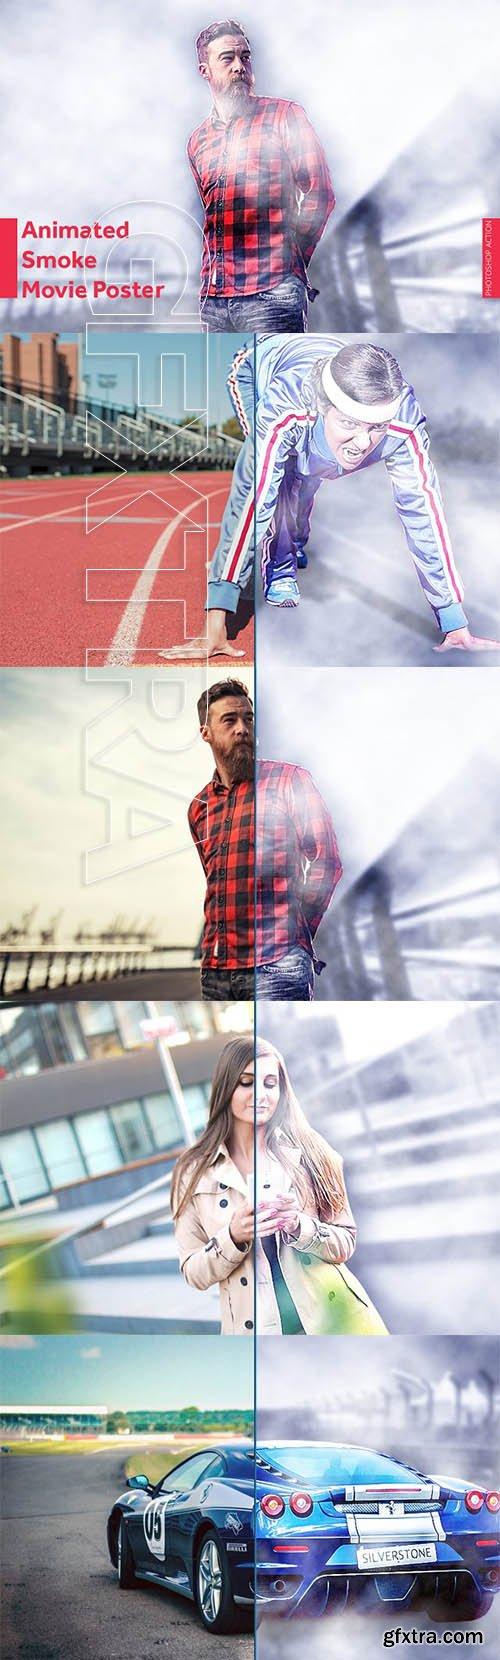 CreativeMarket - Smoke Movie Poster Animation 3162217